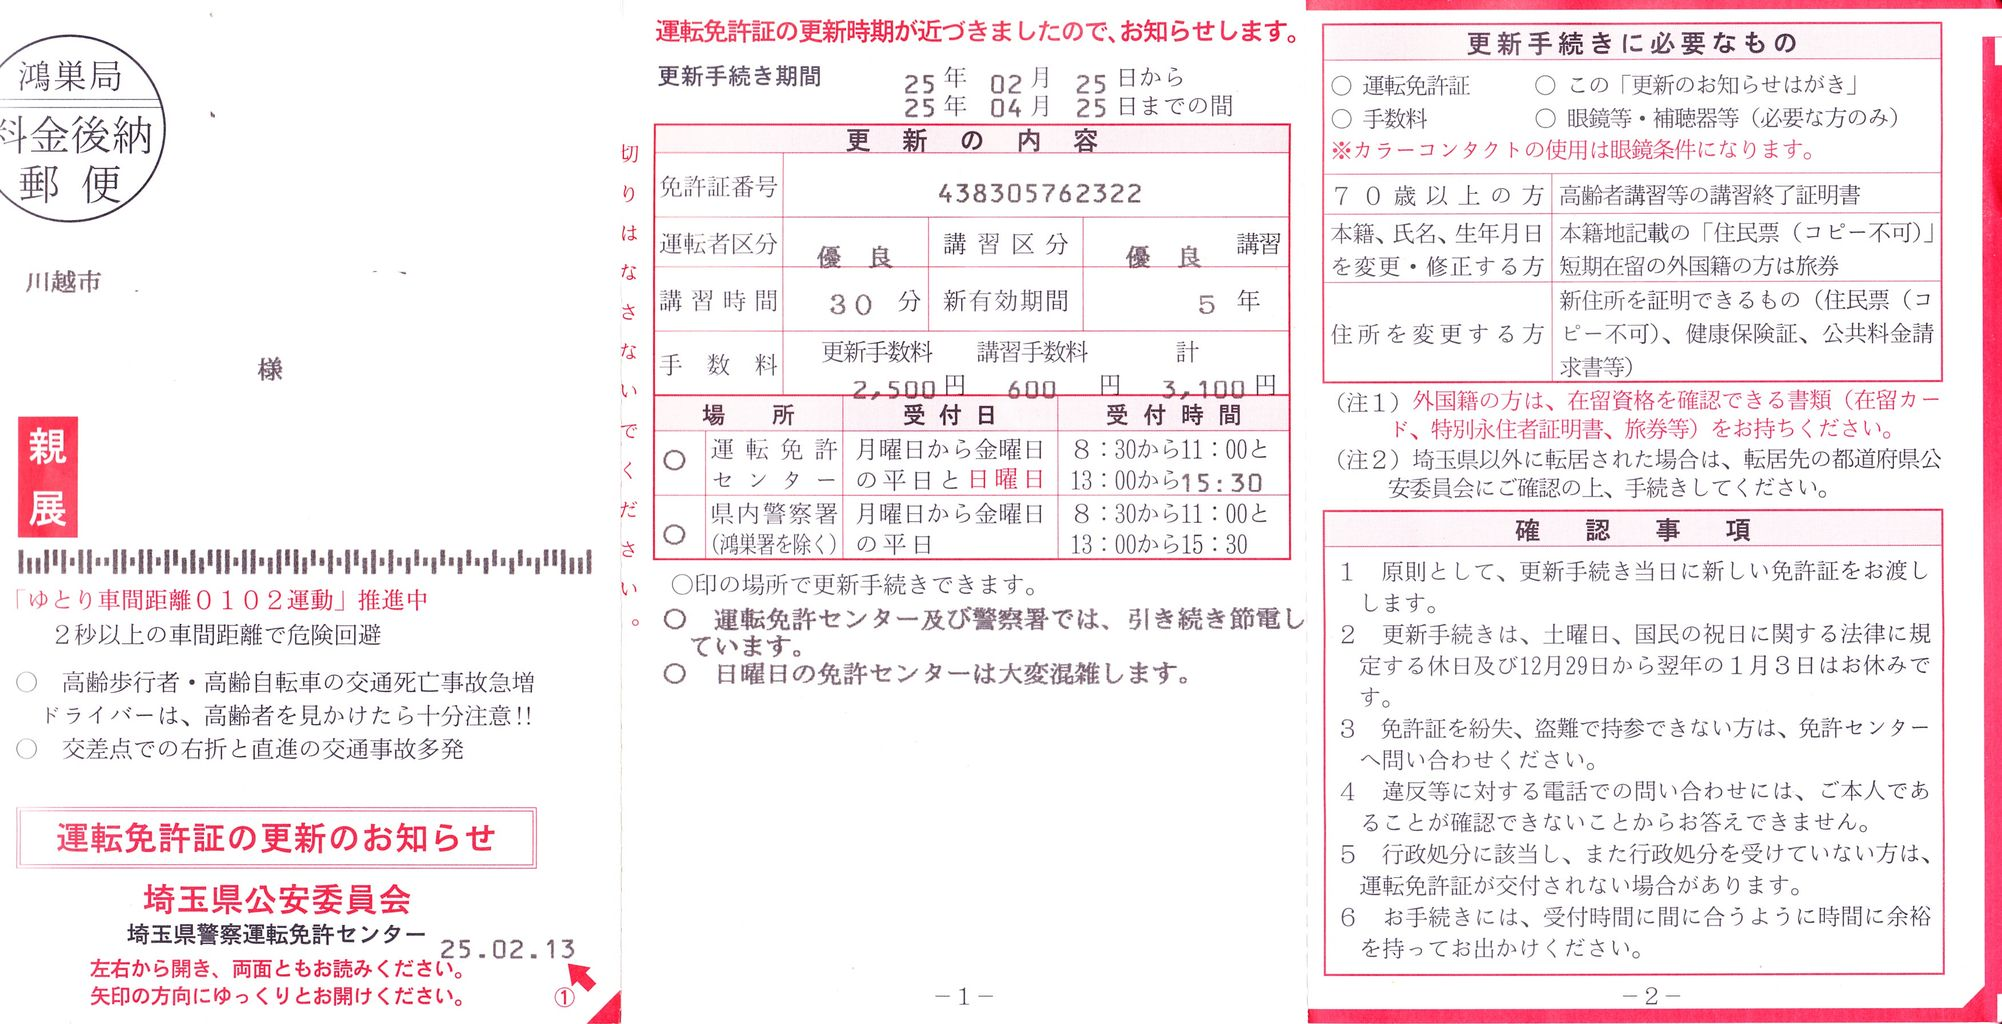 免許 警察 埼玉 更新 県